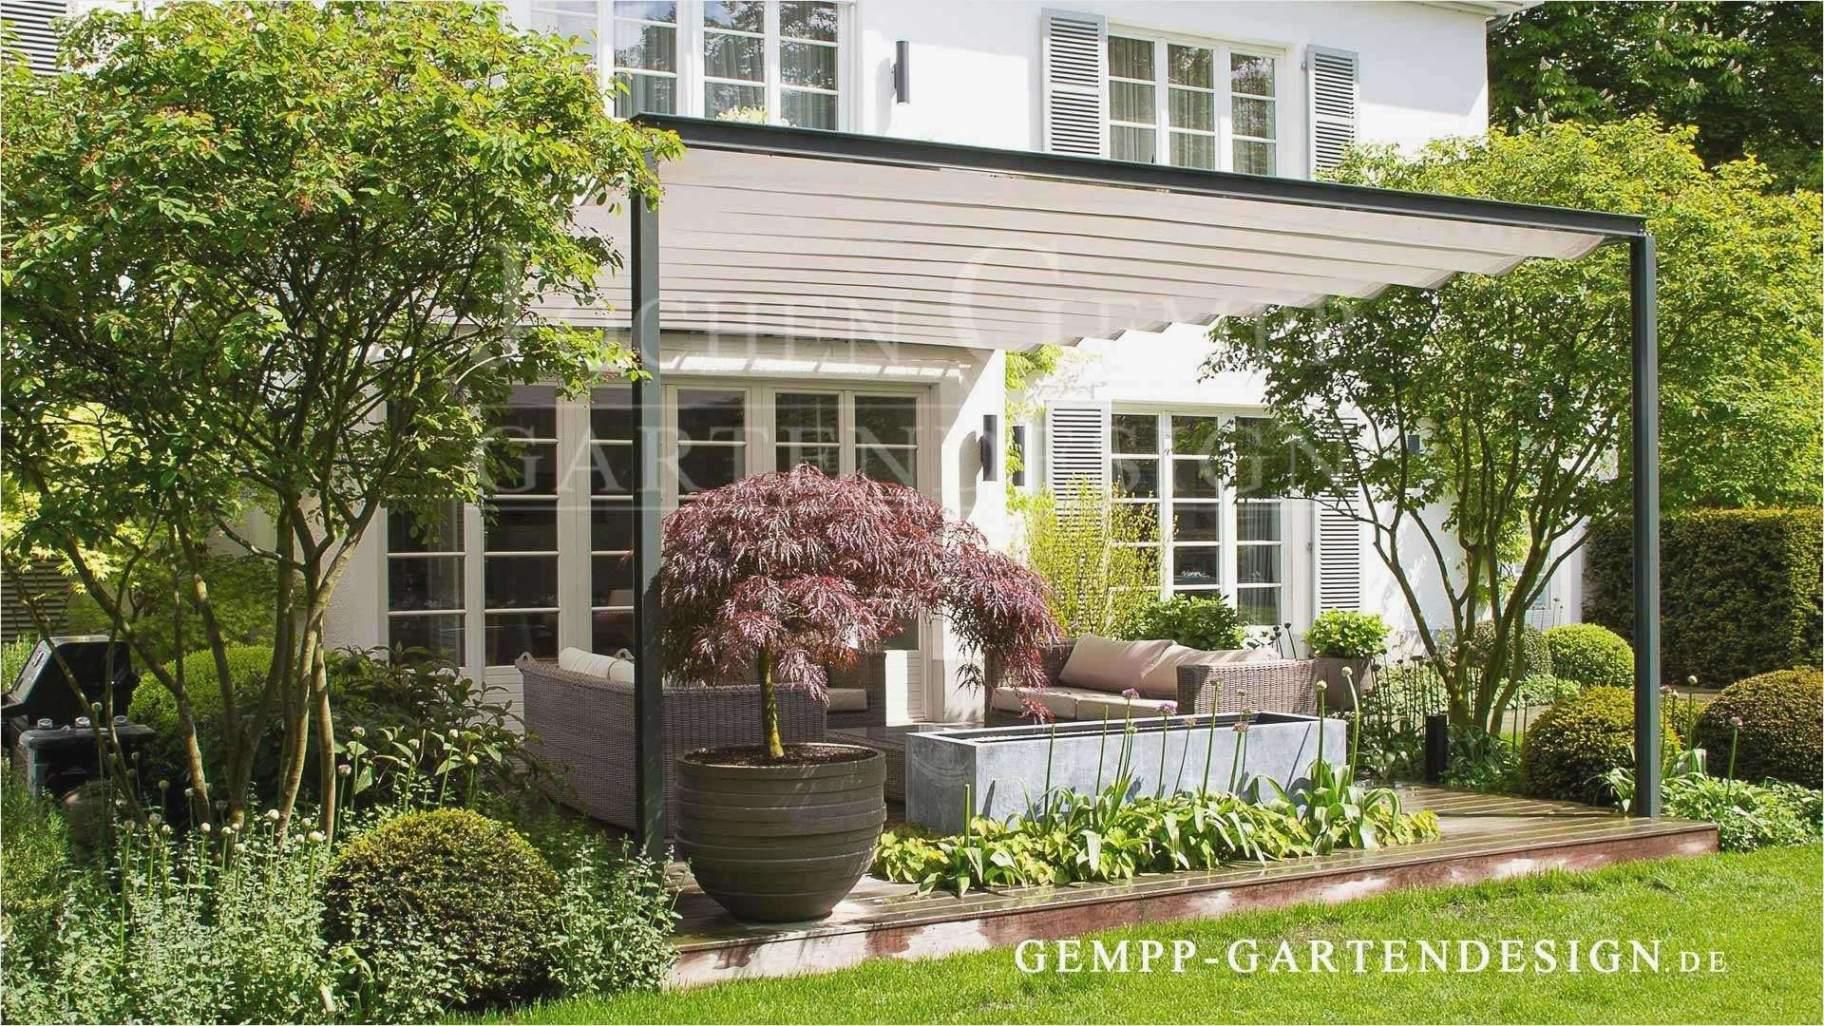 Garten überdachung Elegant Ideen Für Grillplatz Im Garten — Temobardz Home Blog